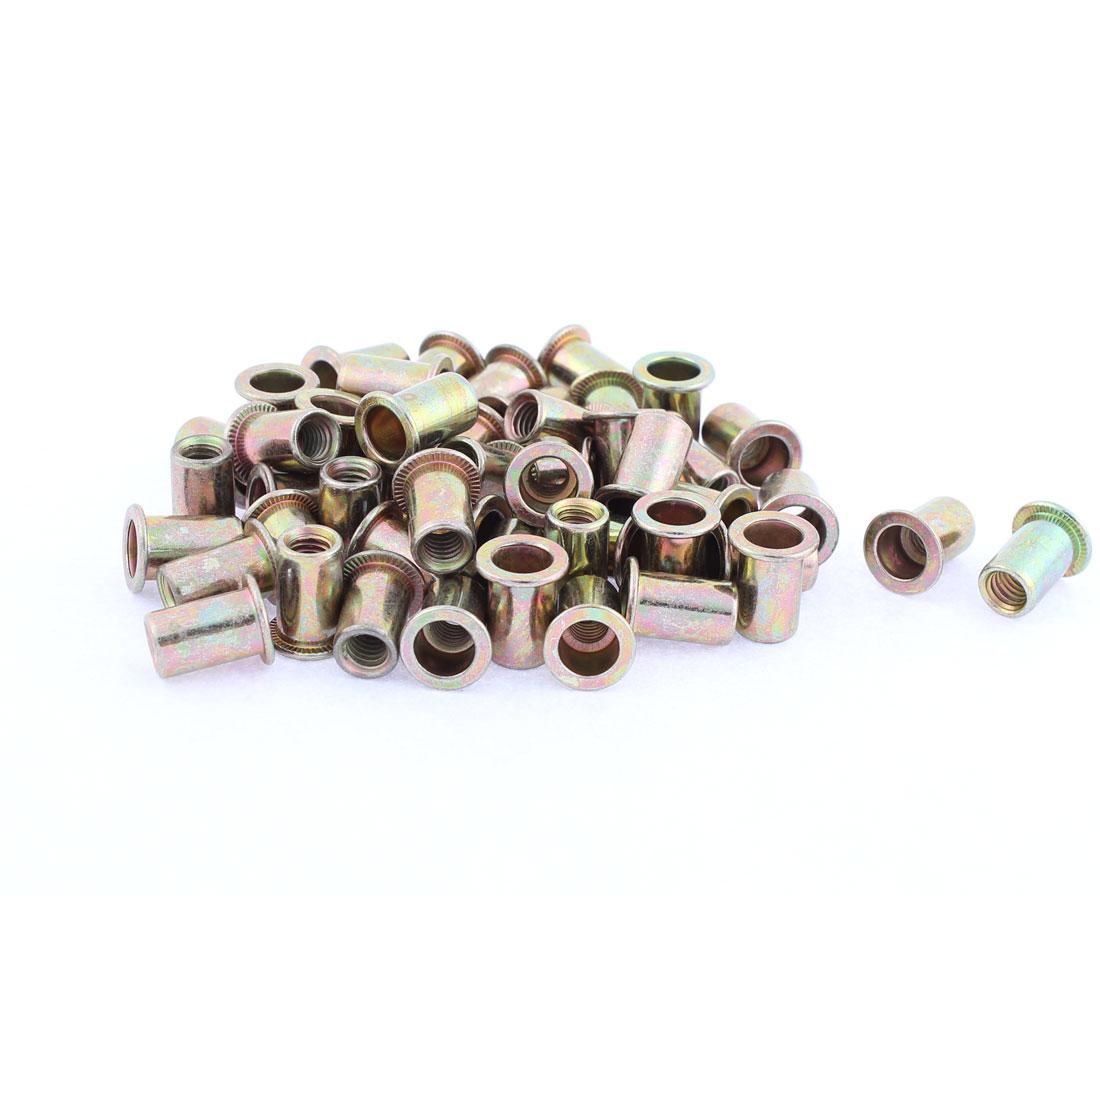 M6 Thread Dia Flat Head Zinc Plated Rivet Blind Nut Nutsert Brass Tone 50pcs